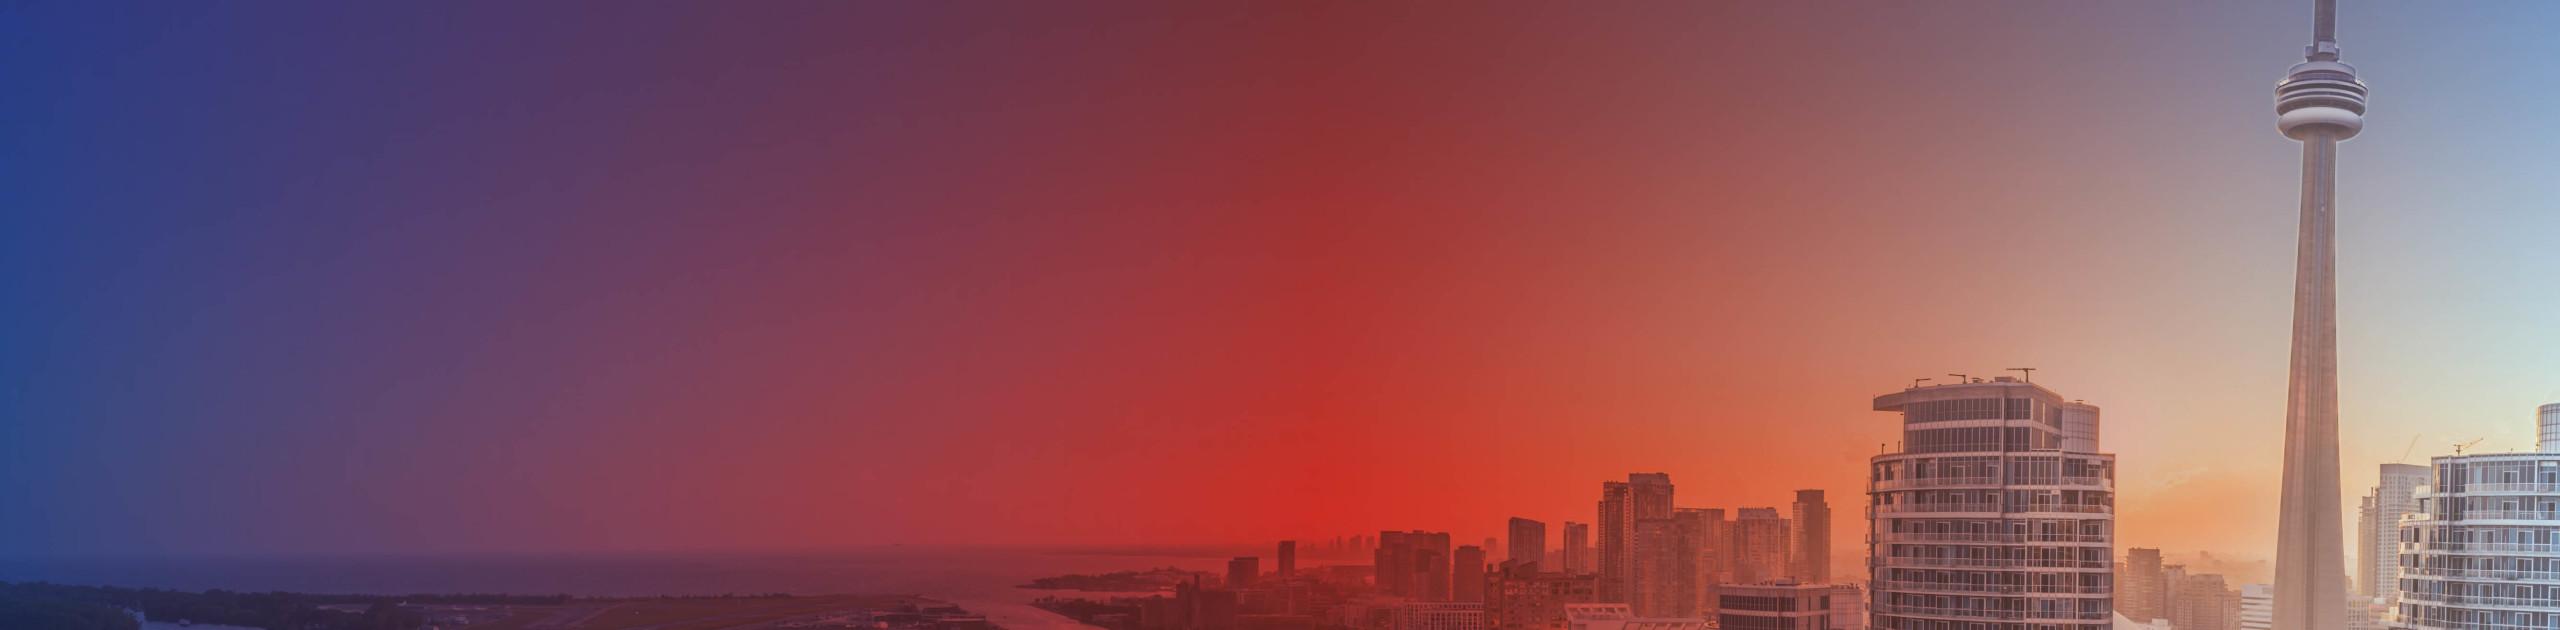 Call for SDGC20 City